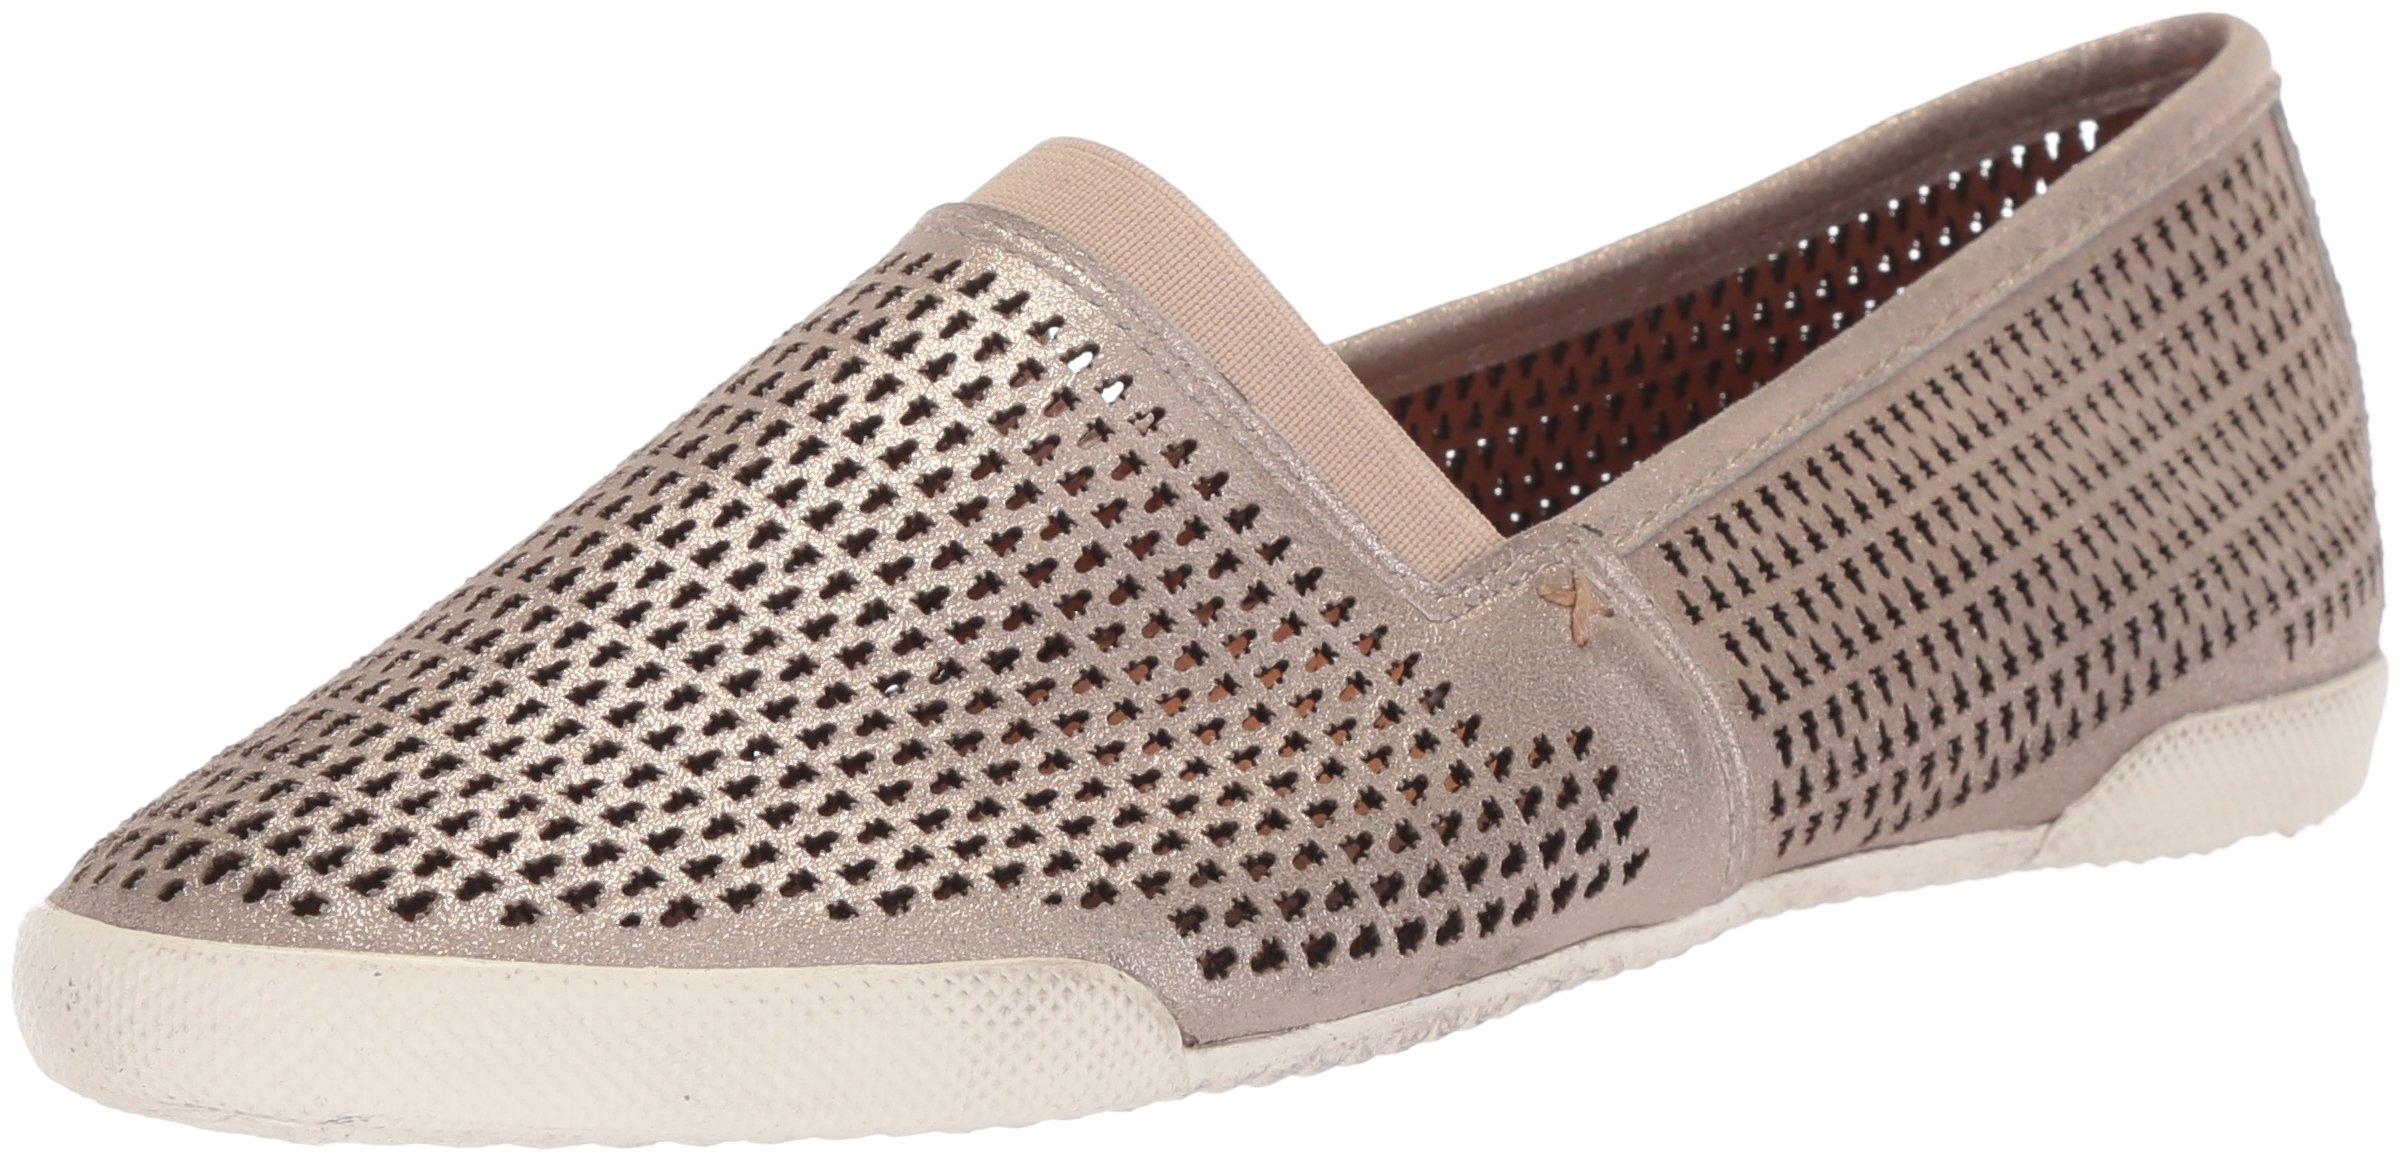 FRYE Women's Melanie Perf Slip On Sneaker, Silver, 8 M US